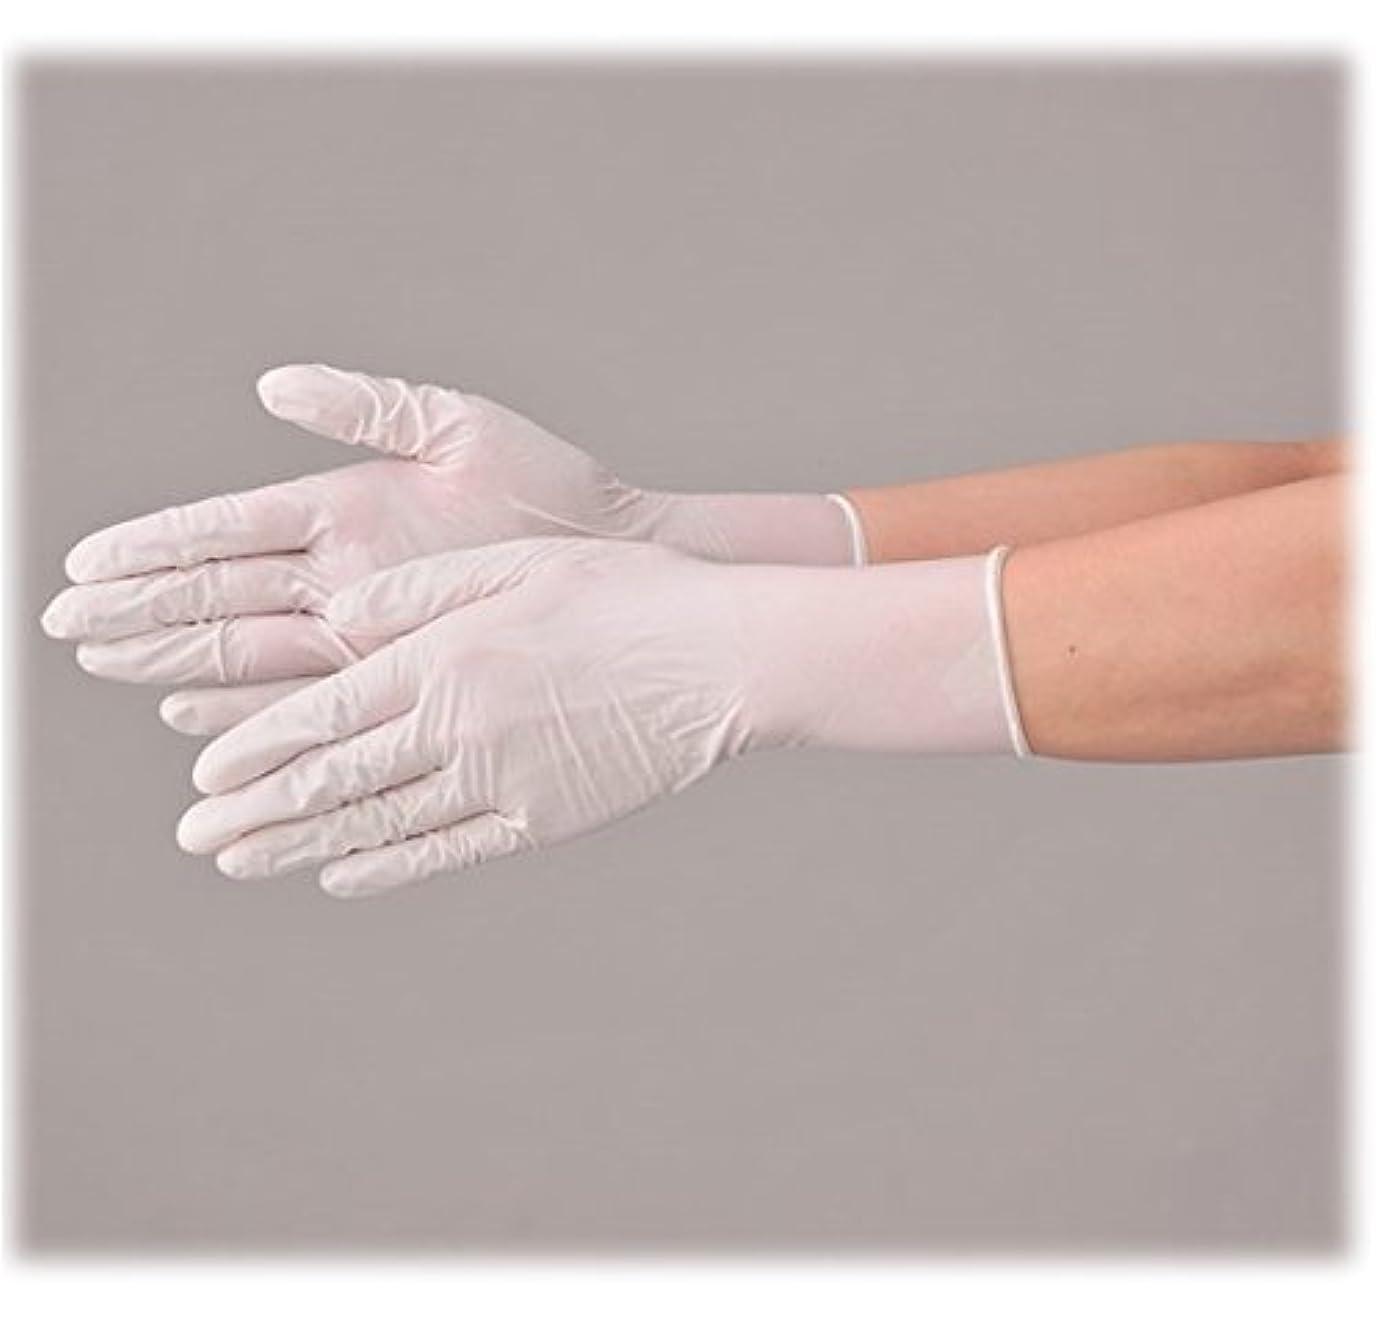 分離する覚醒無し使い捨て 手袋 エブノ 535 ニトリルNEOライト ホワイト Sサイズ パウダーフリー 2ケース(100枚×60箱)